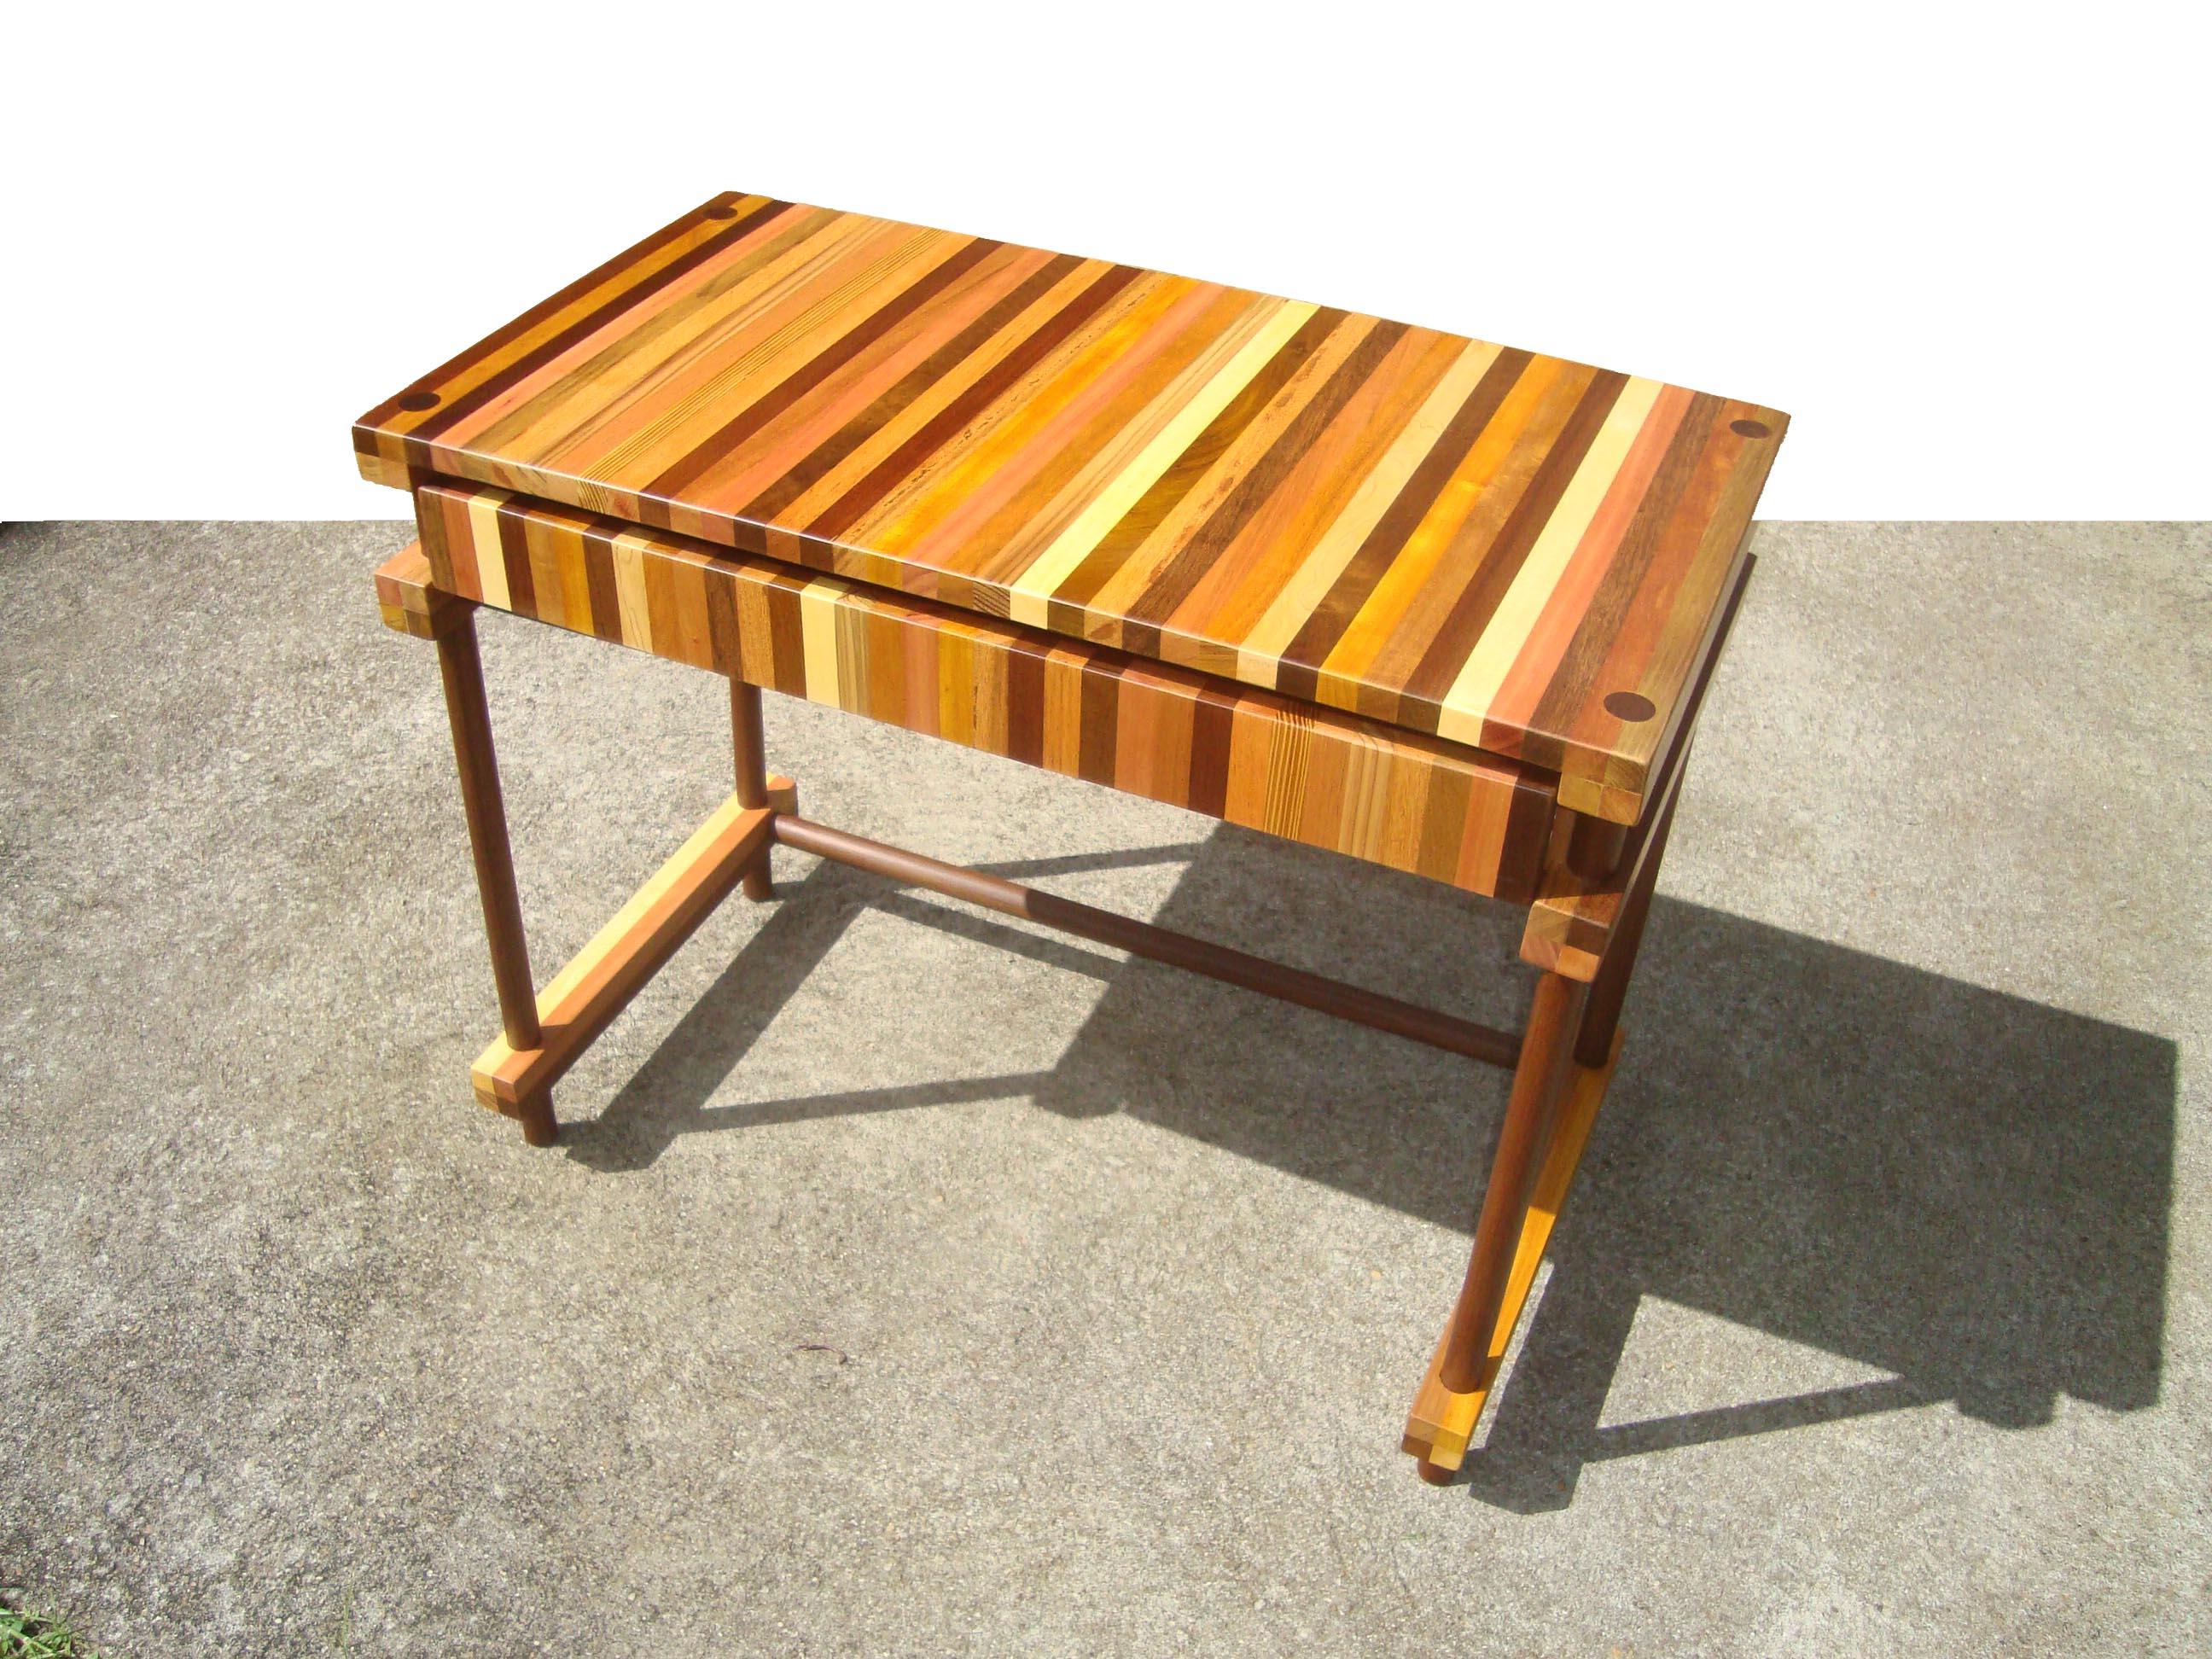 mesa escrivaninha plá RIPA Design #C88103 2592x1944